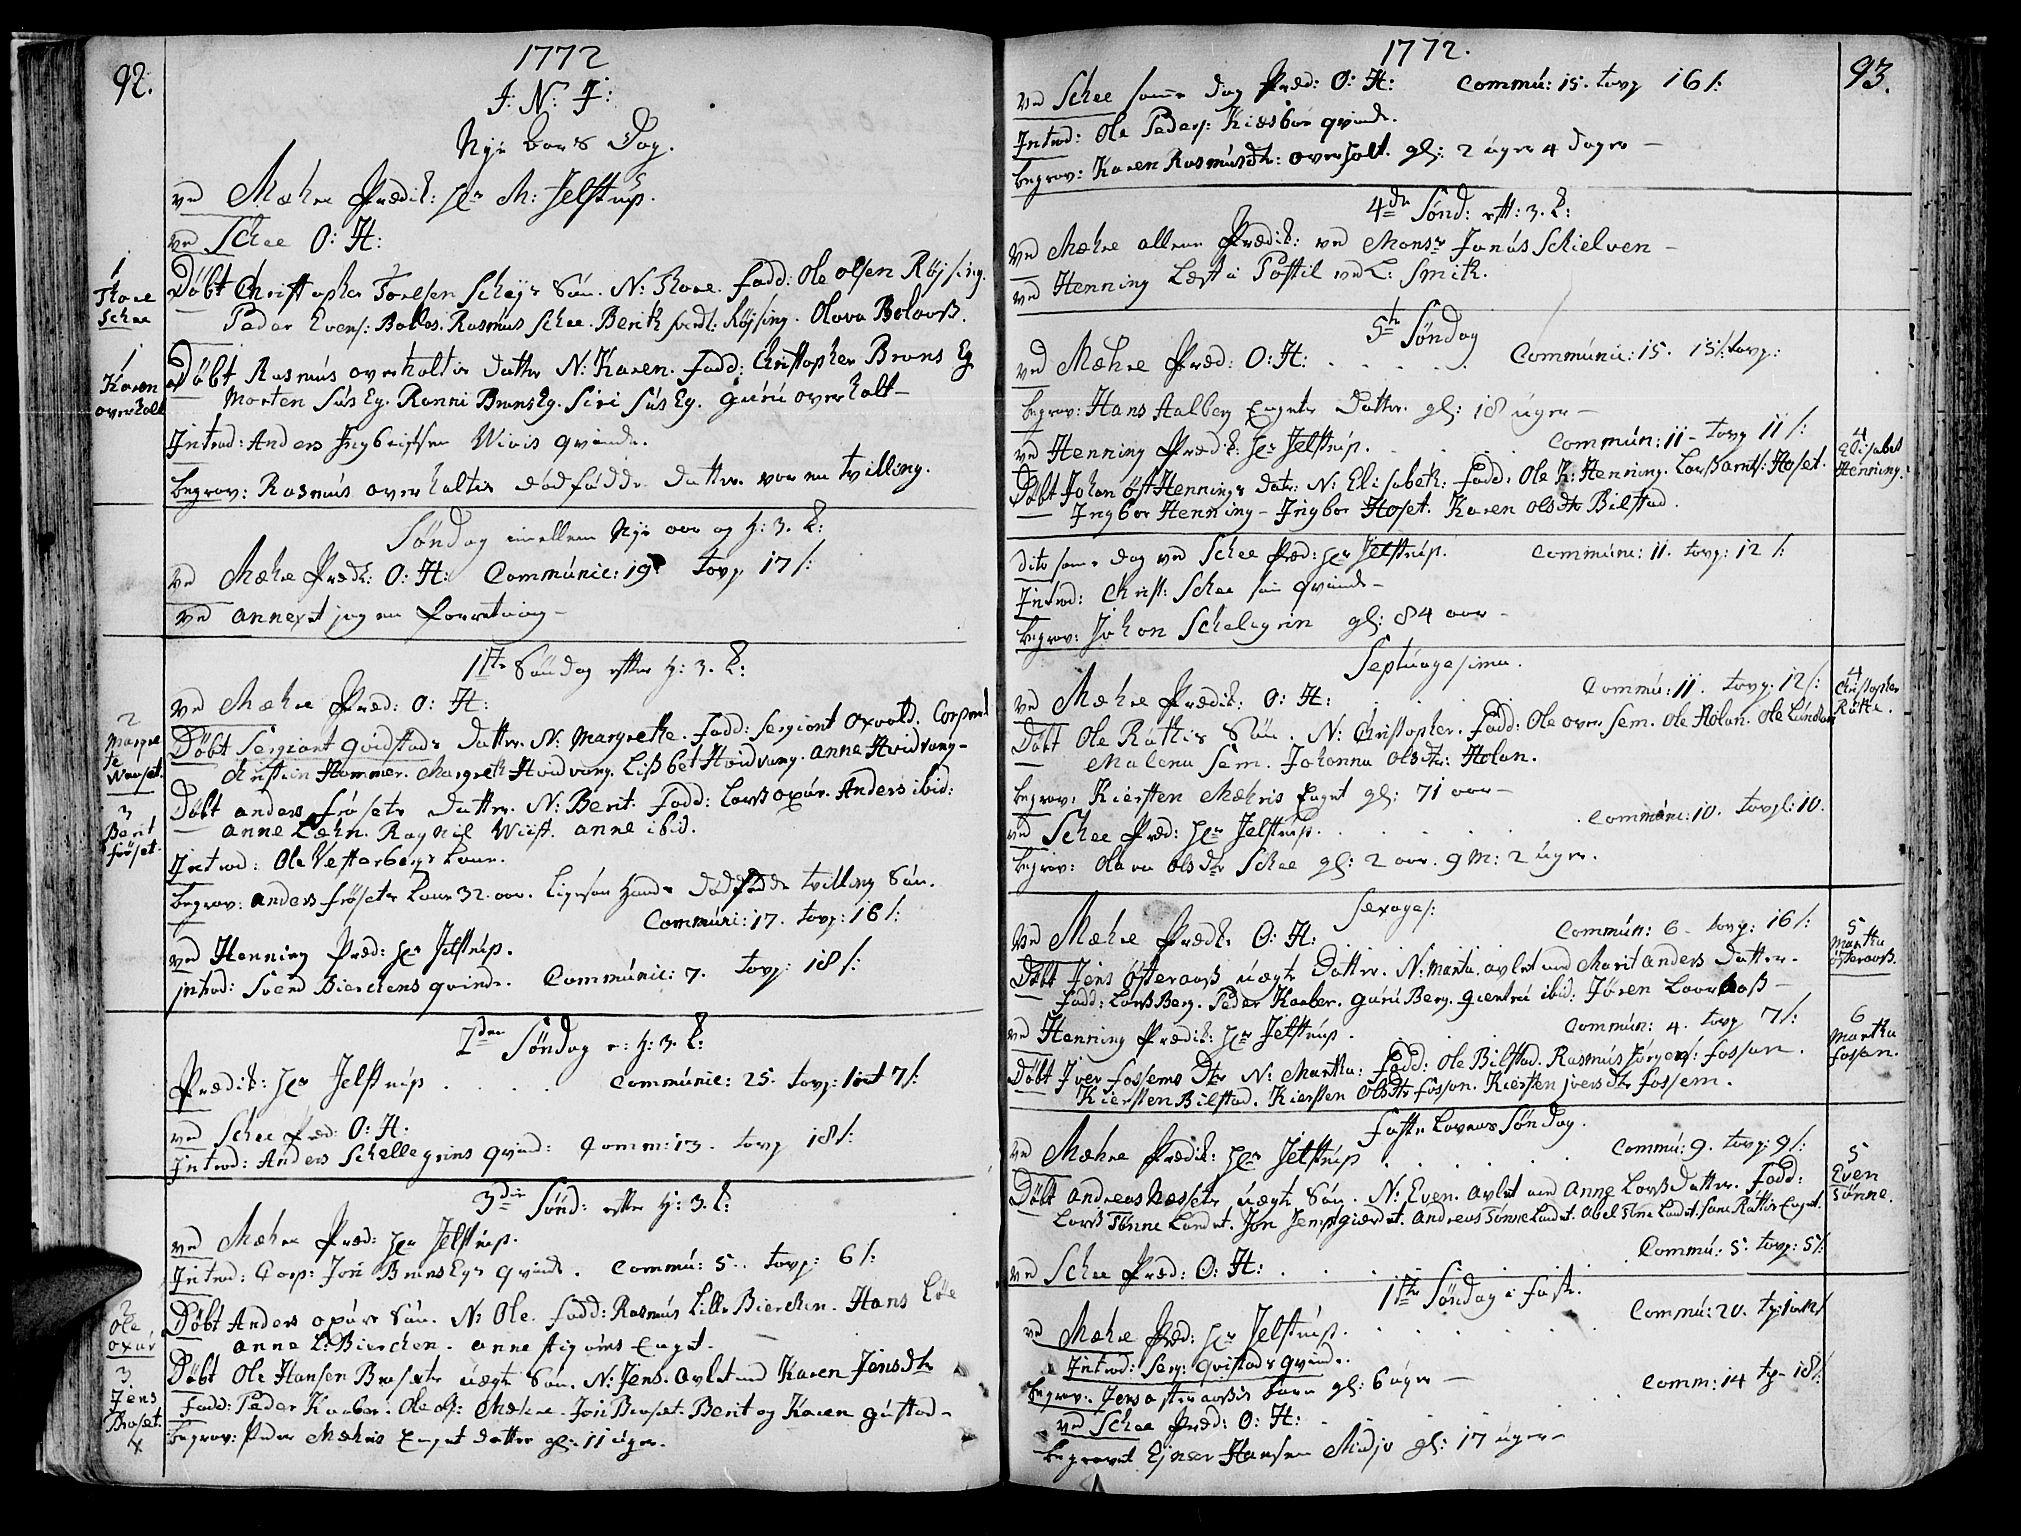 SAT, Ministerialprotokoller, klokkerbøker og fødselsregistre - Nord-Trøndelag, 735/L0331: Ministerialbok nr. 735A02, 1762-1794, s. 92-93